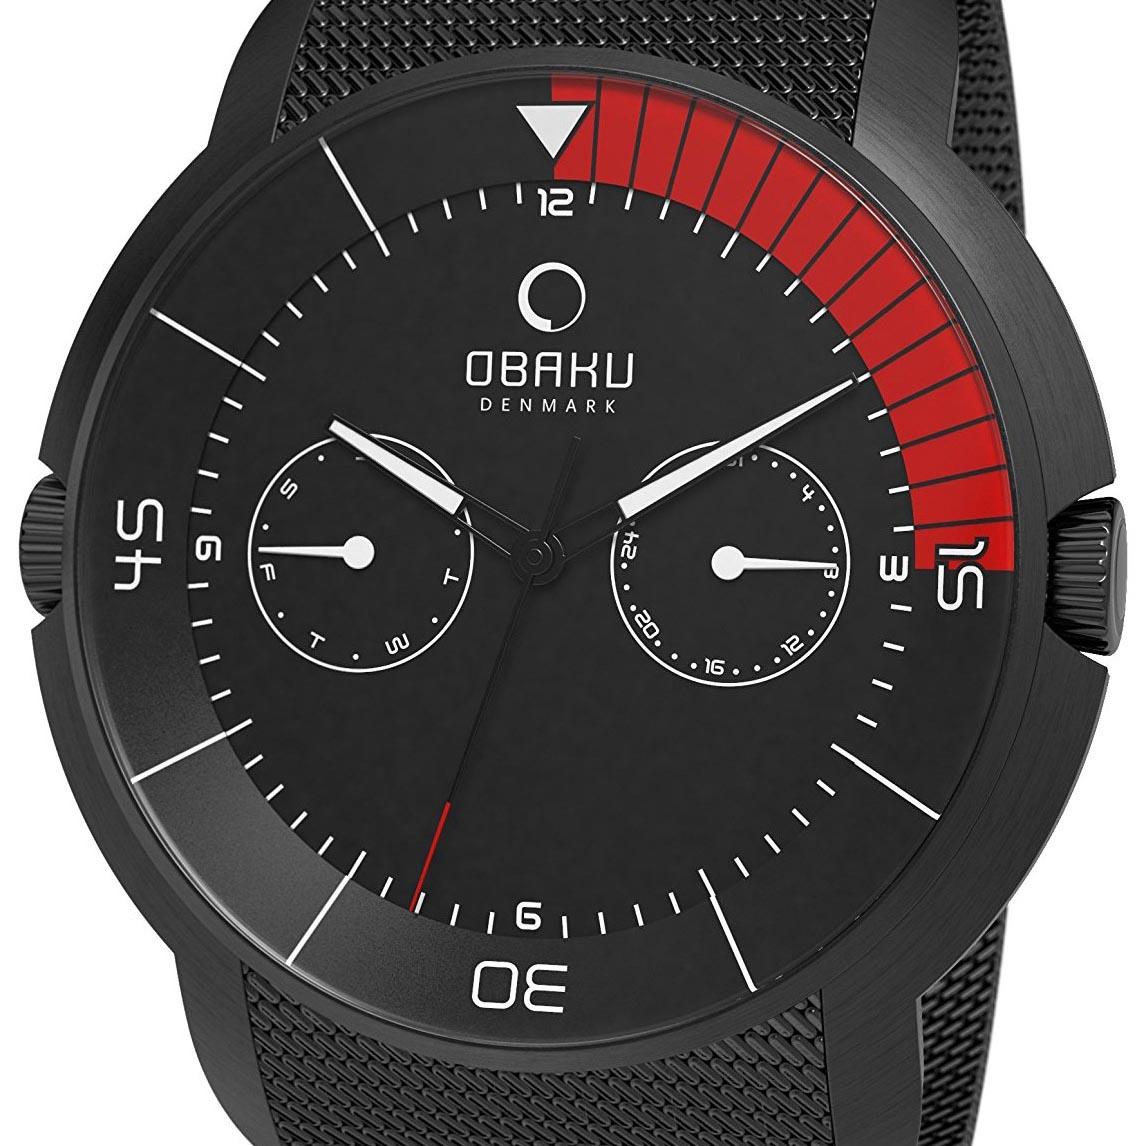 【残り1点】OBAKU オバック クォーツ 腕時計 デンマーク シンプル 薄型 ファッション [V141GBBMB] 並行輸入品 純正ケース メーカー保証